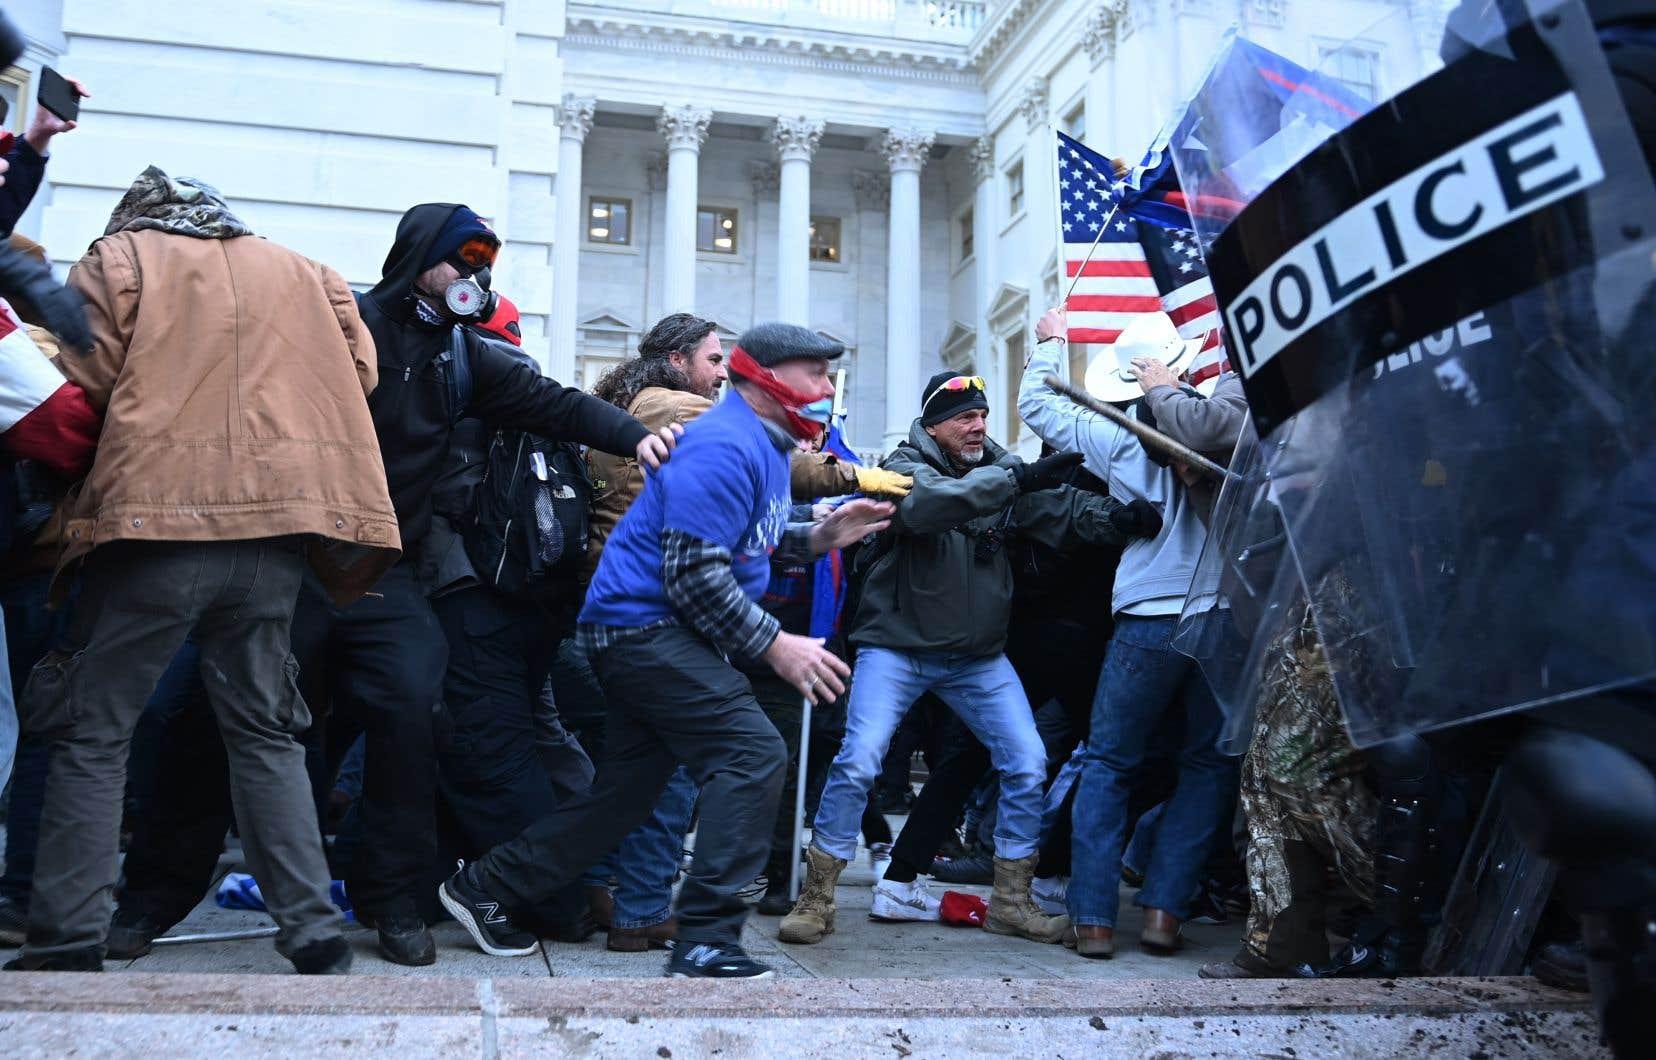 Les images de l'émeute au Capitole risquent de compliquer le travail du prochain gouvernement, forcé de marcher en terrain miné désormais pour rebâtir la crédibilité du pays sur la scène internationale.